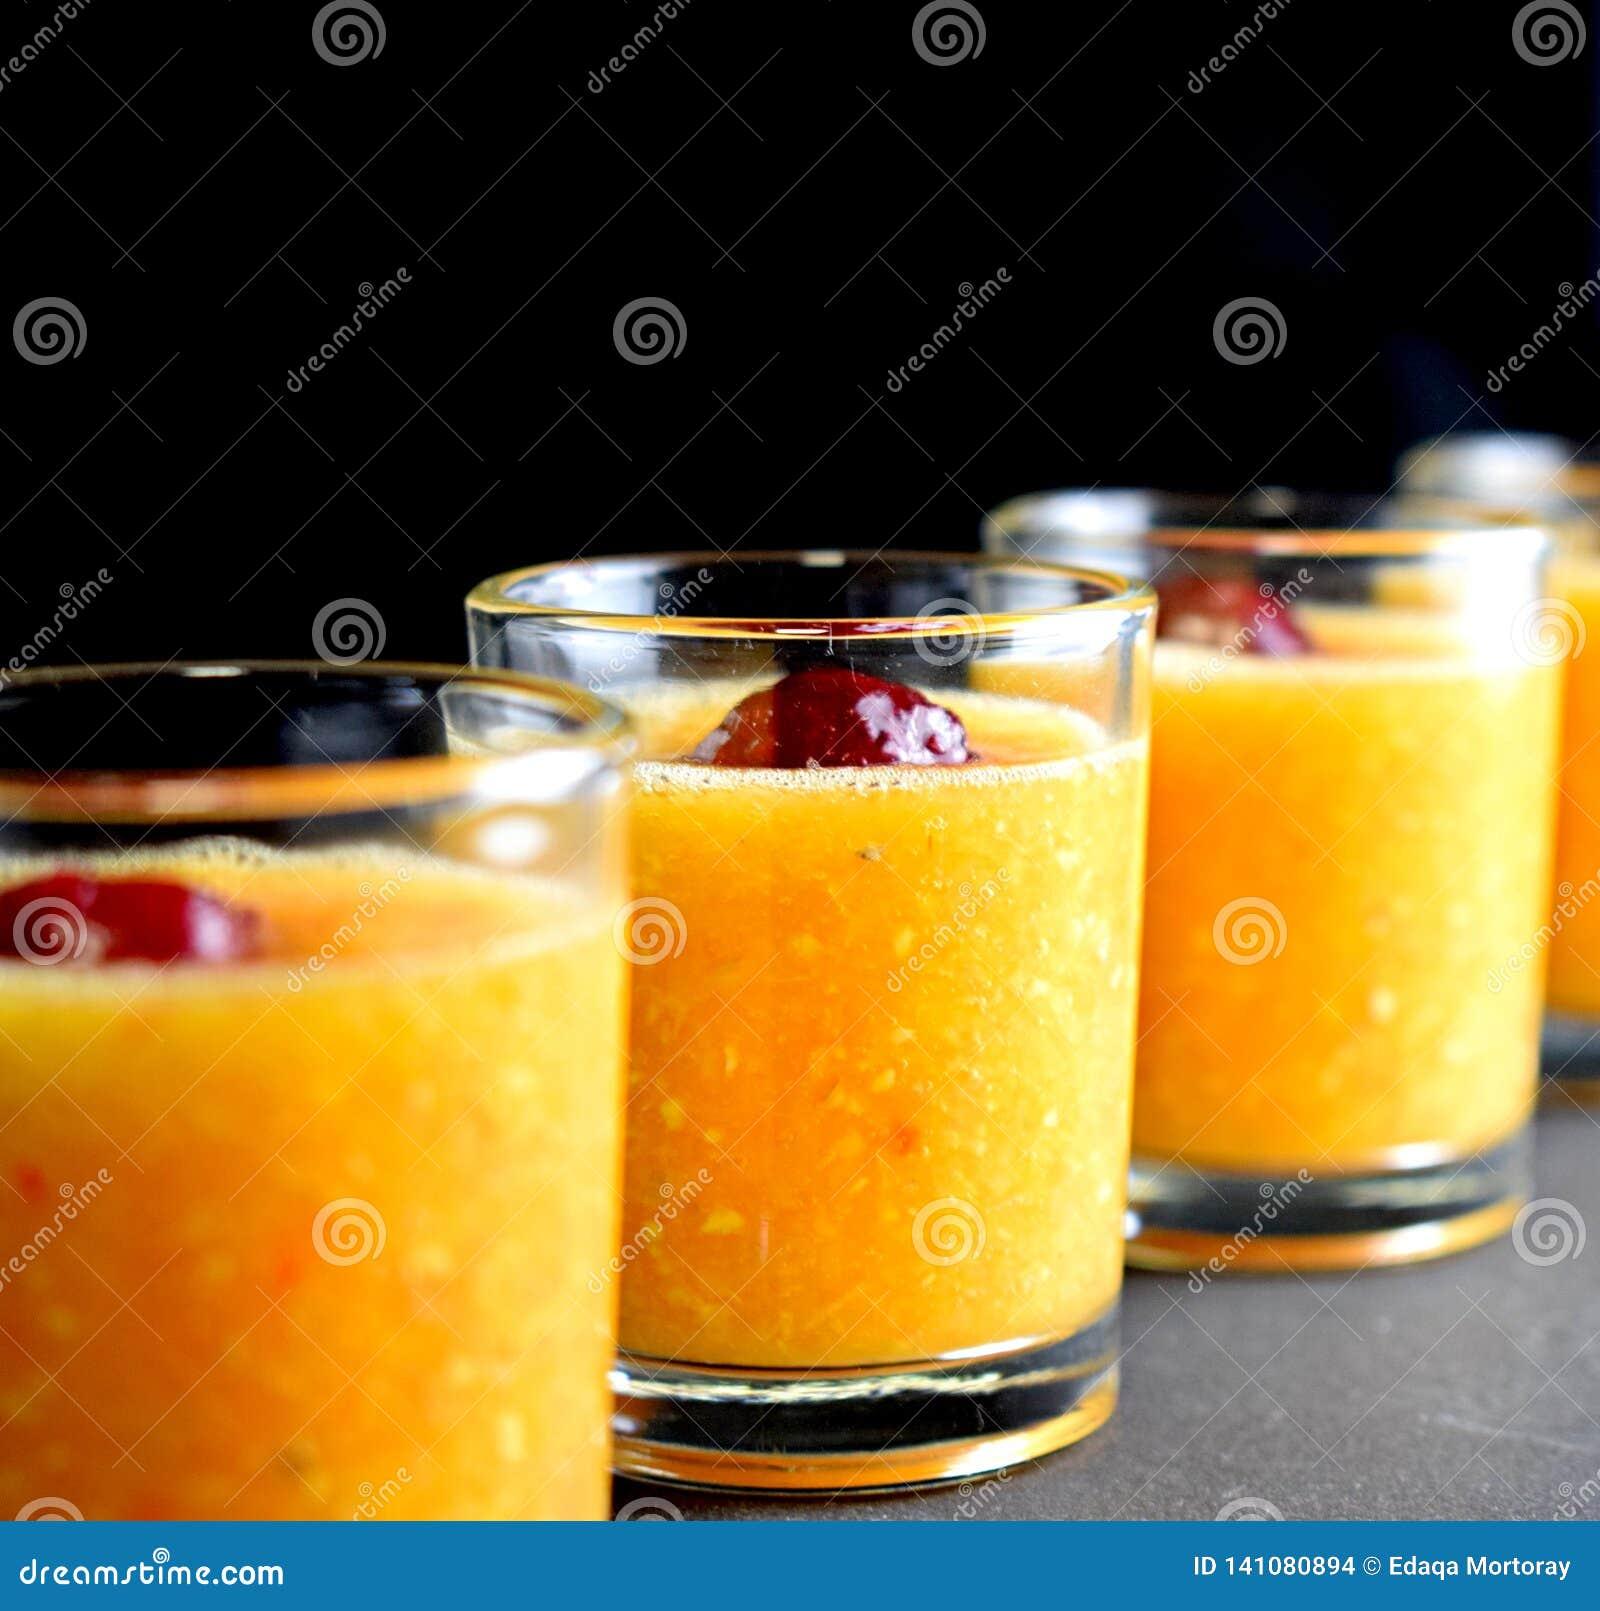 Pappige oranje drank met kers in geschotene glazen